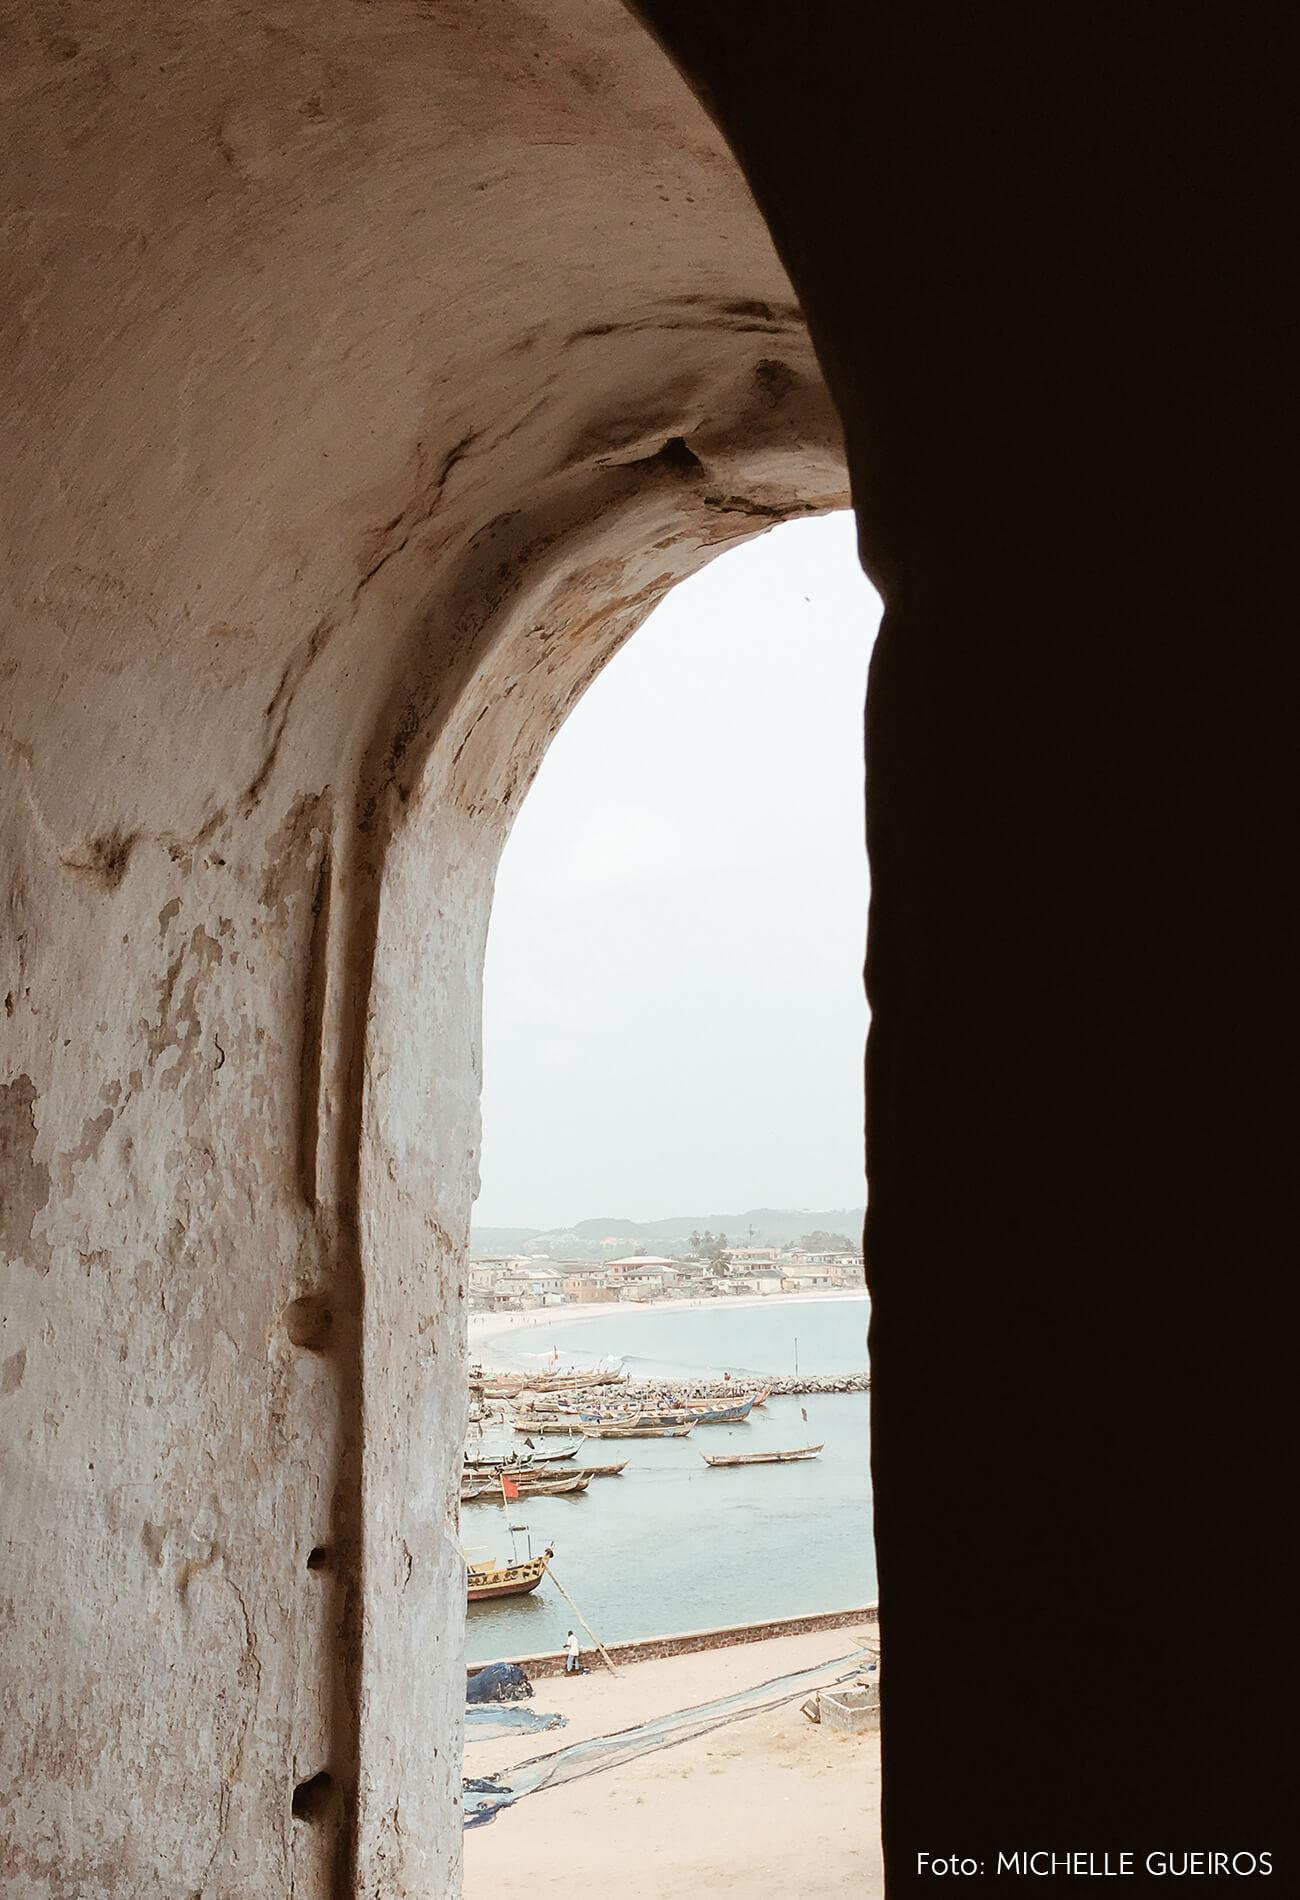 Gana viagem Castelo praia